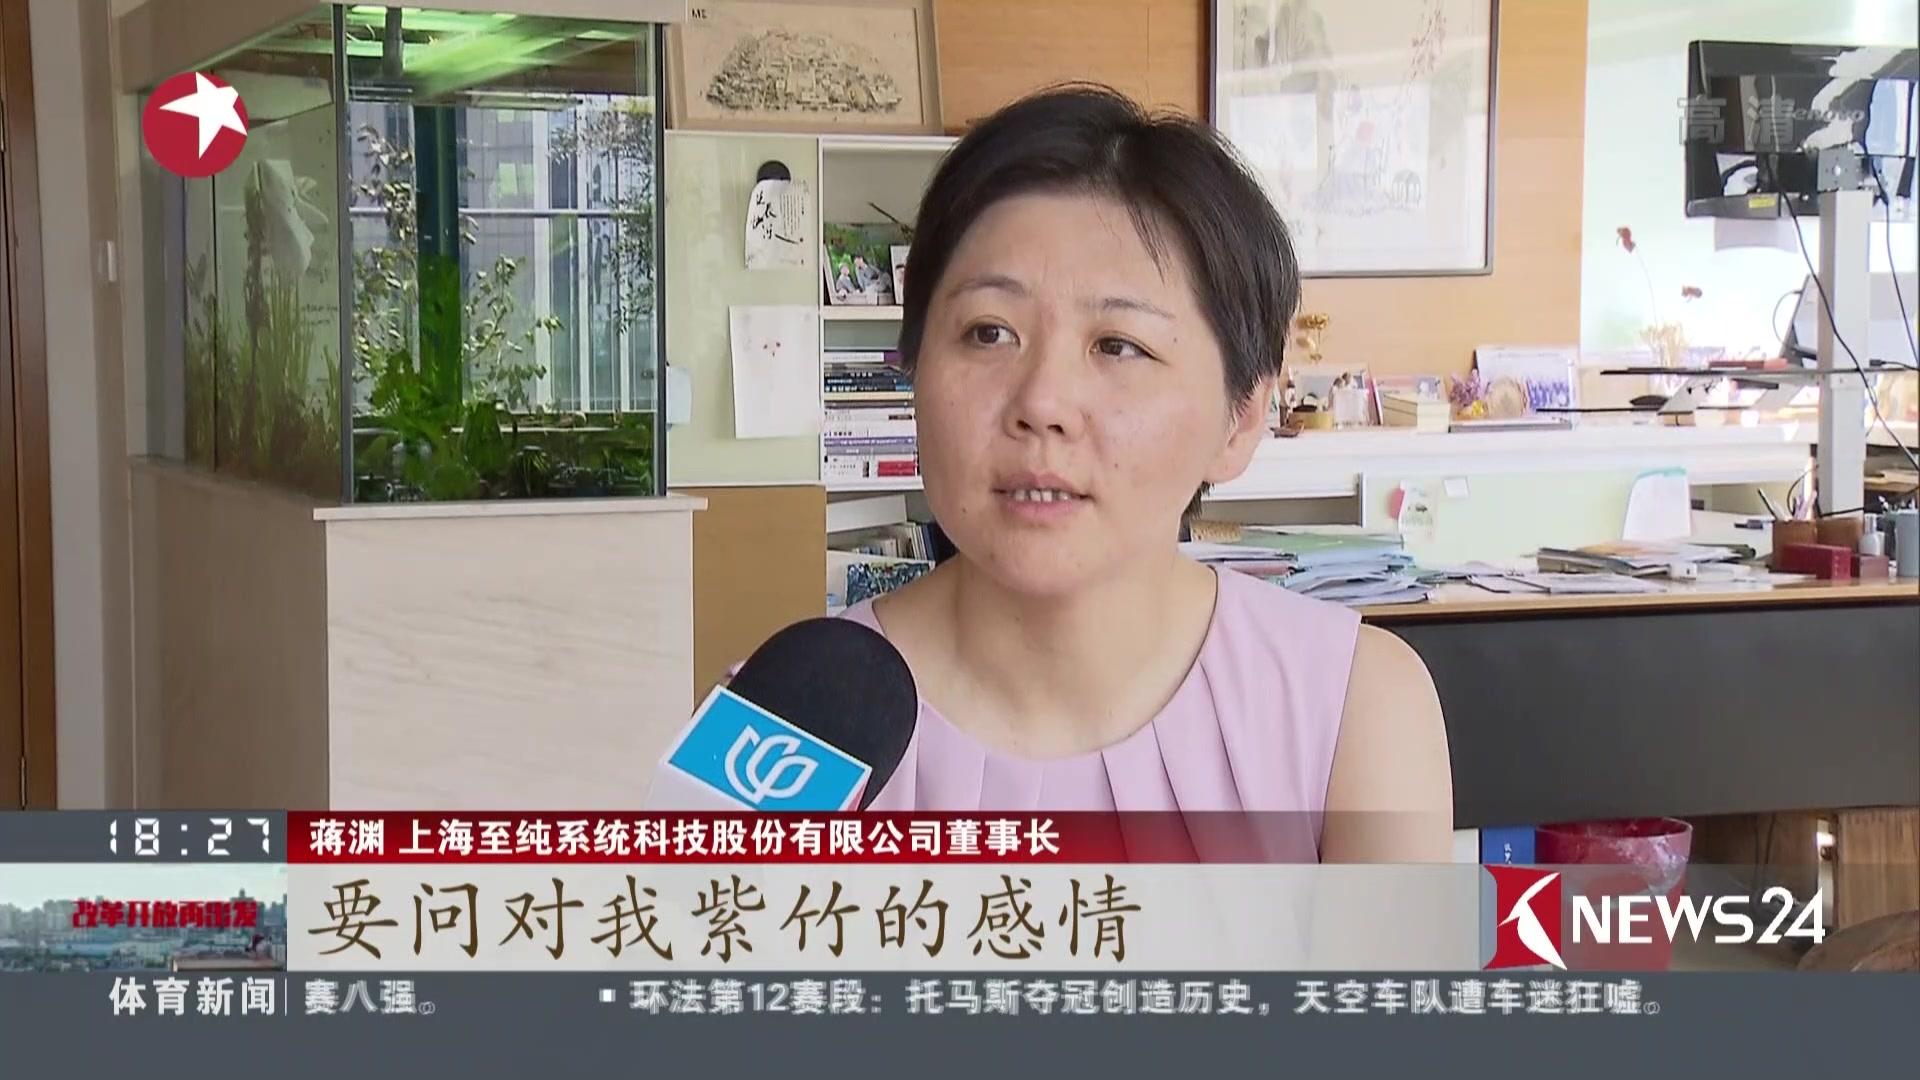 上海紫竹高新区:大胆探索自主创新  发展新型高科技园区